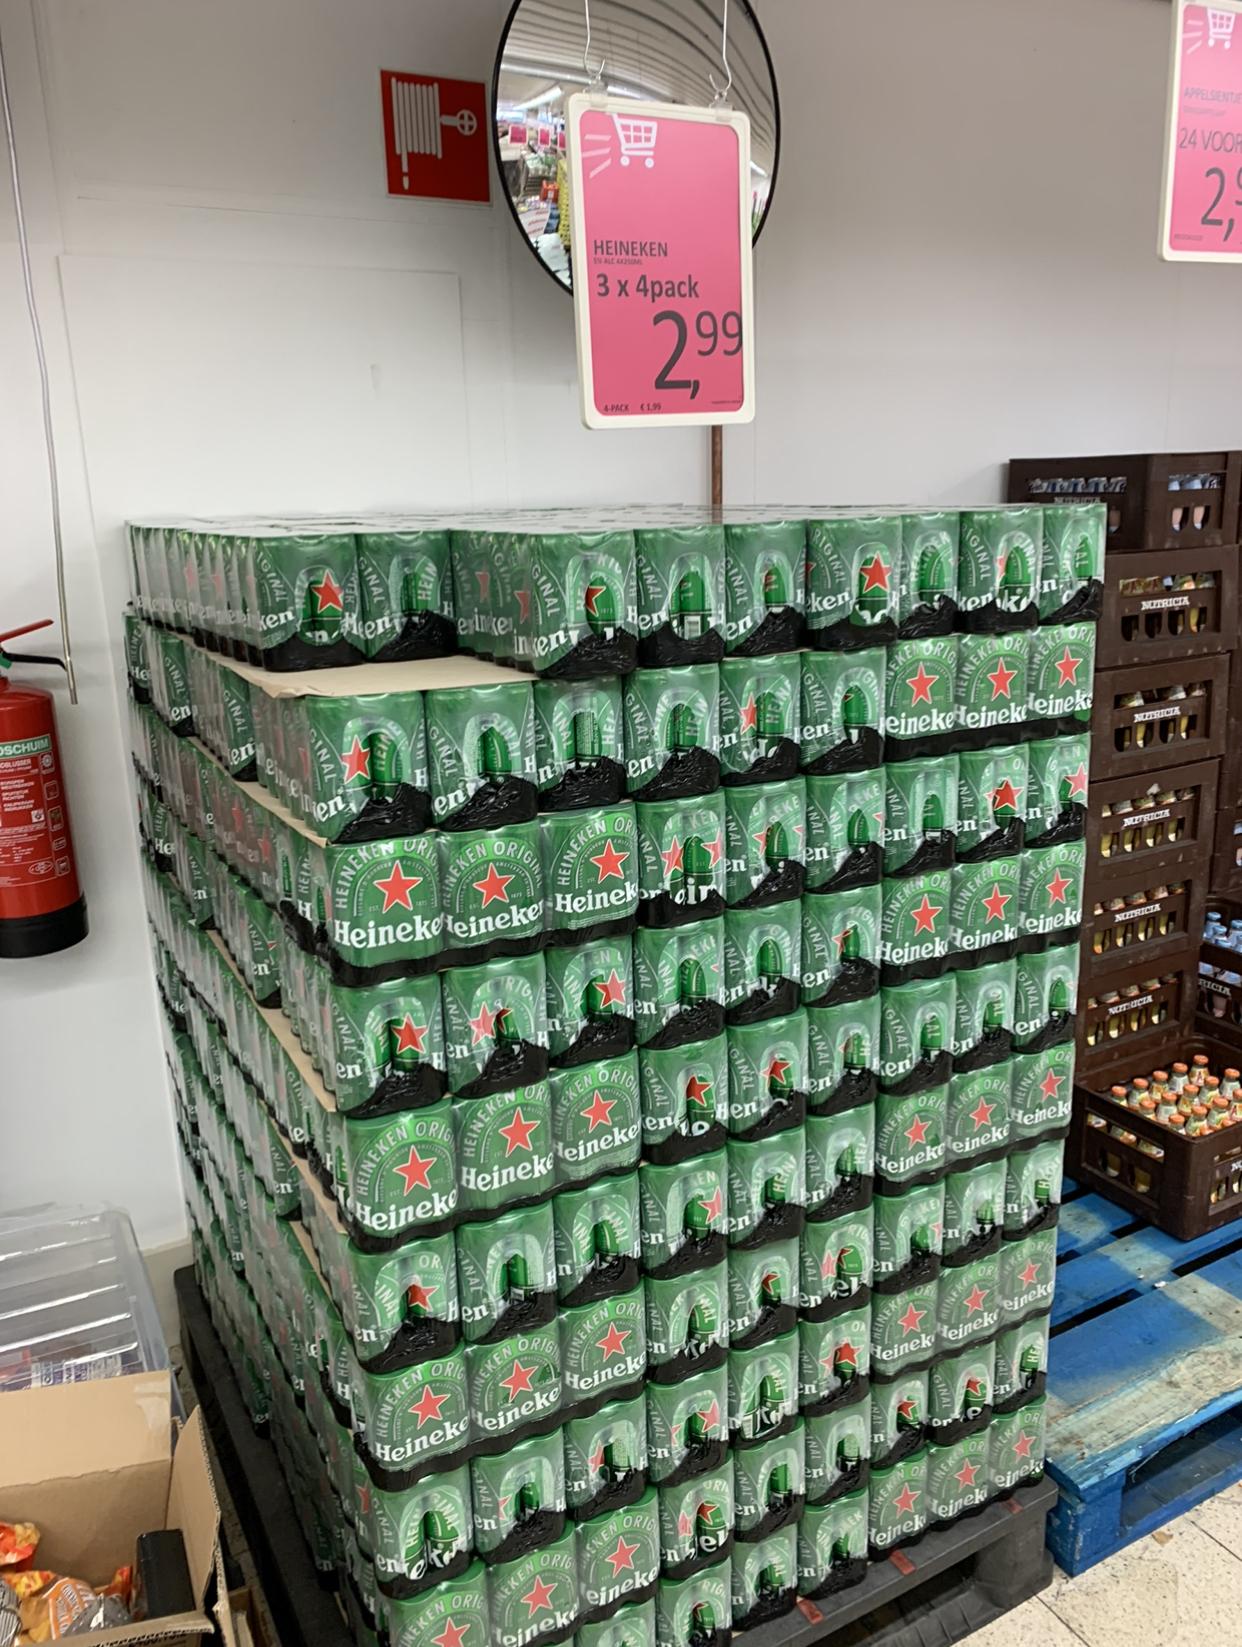 [Lokaal] Datum Voordelshop Enschede, 3x 4-pack Heineken bier (25cl) voor maar €2,99!